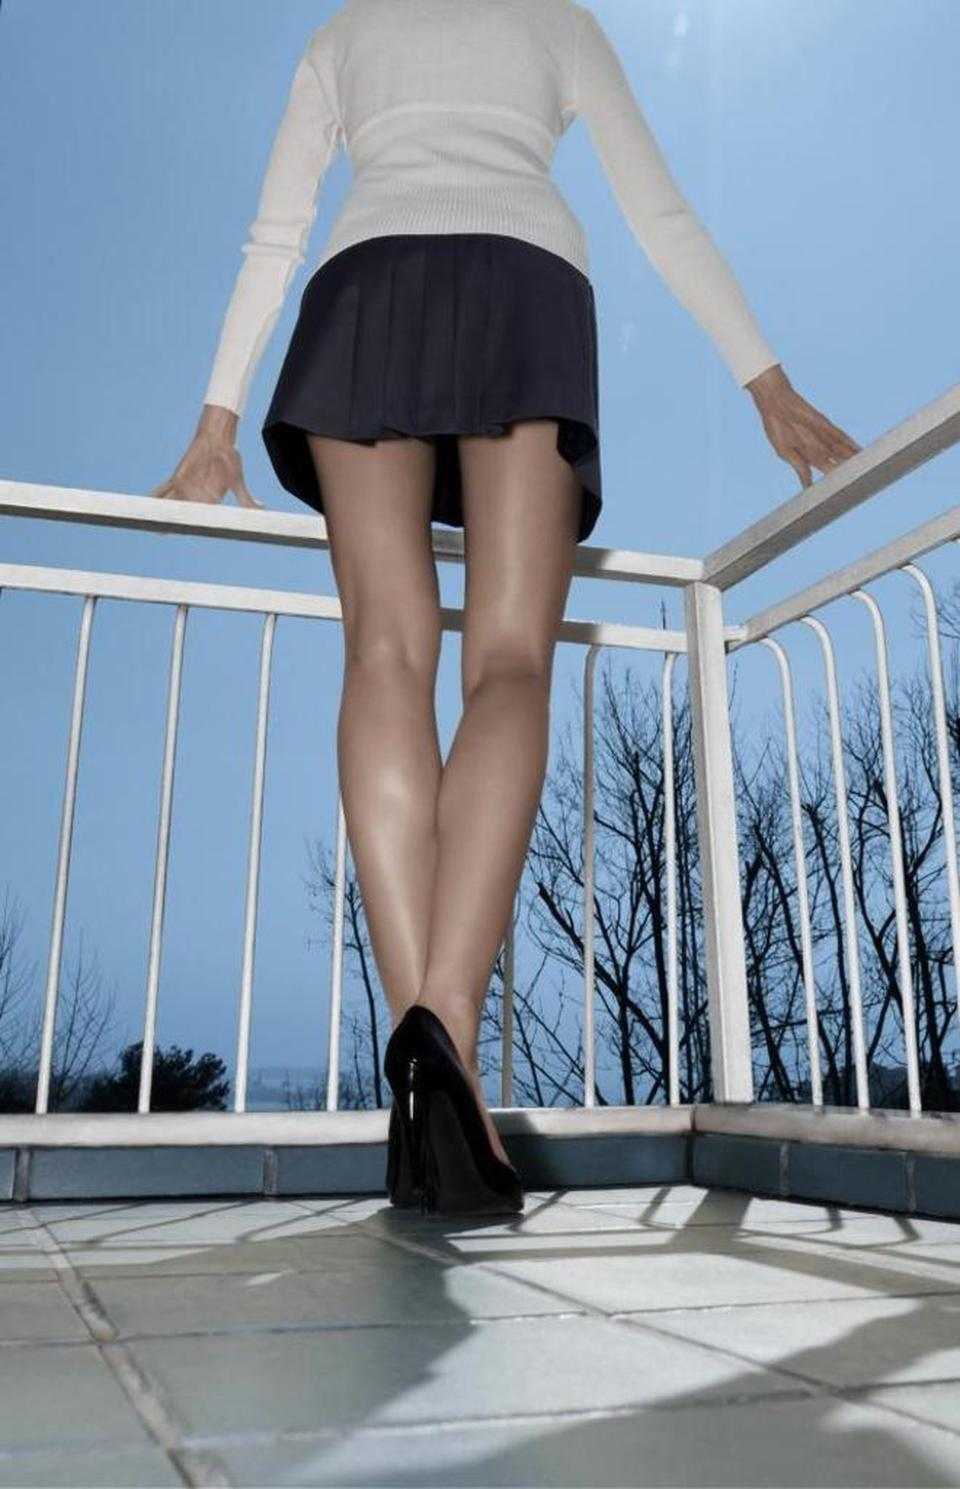 Delle Donne Sotto Foto Gonne LegaleSentenza Le Scattare Diventa vmNw8On0